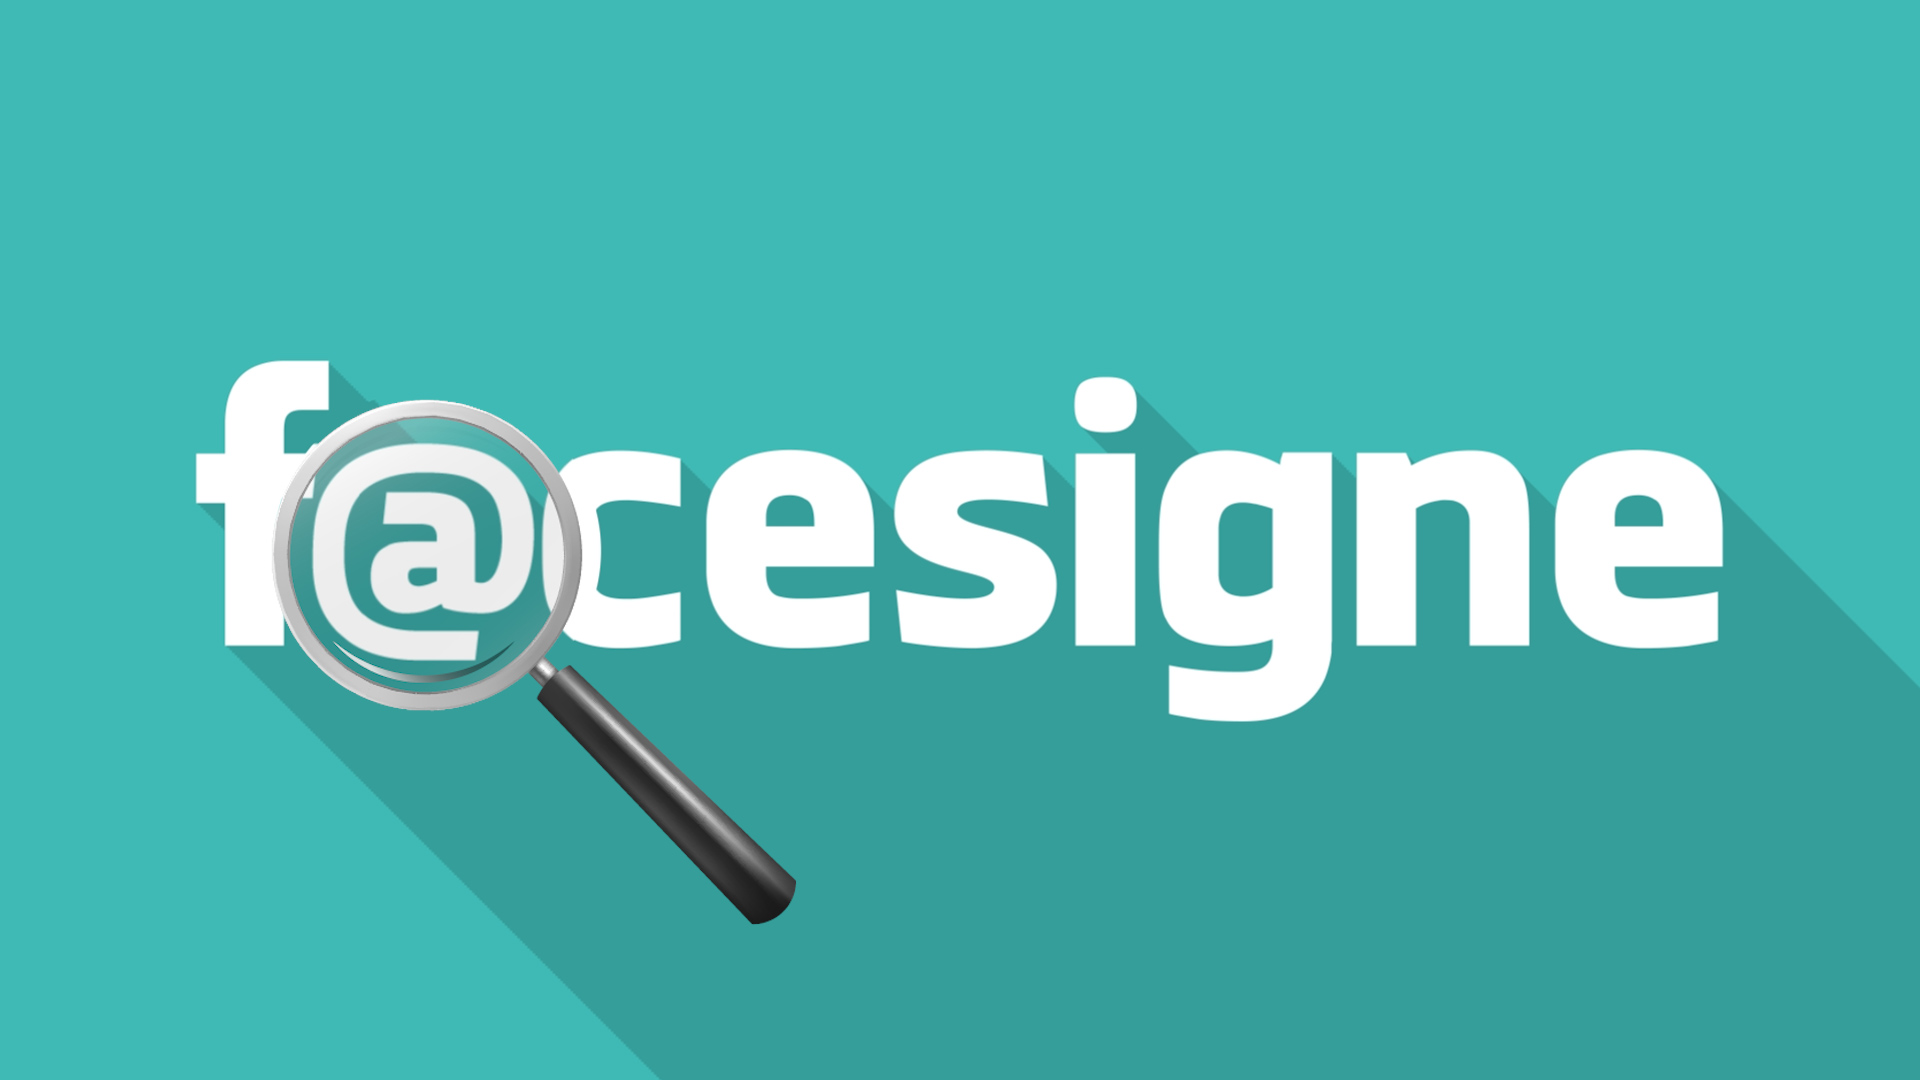 facesigne-logo